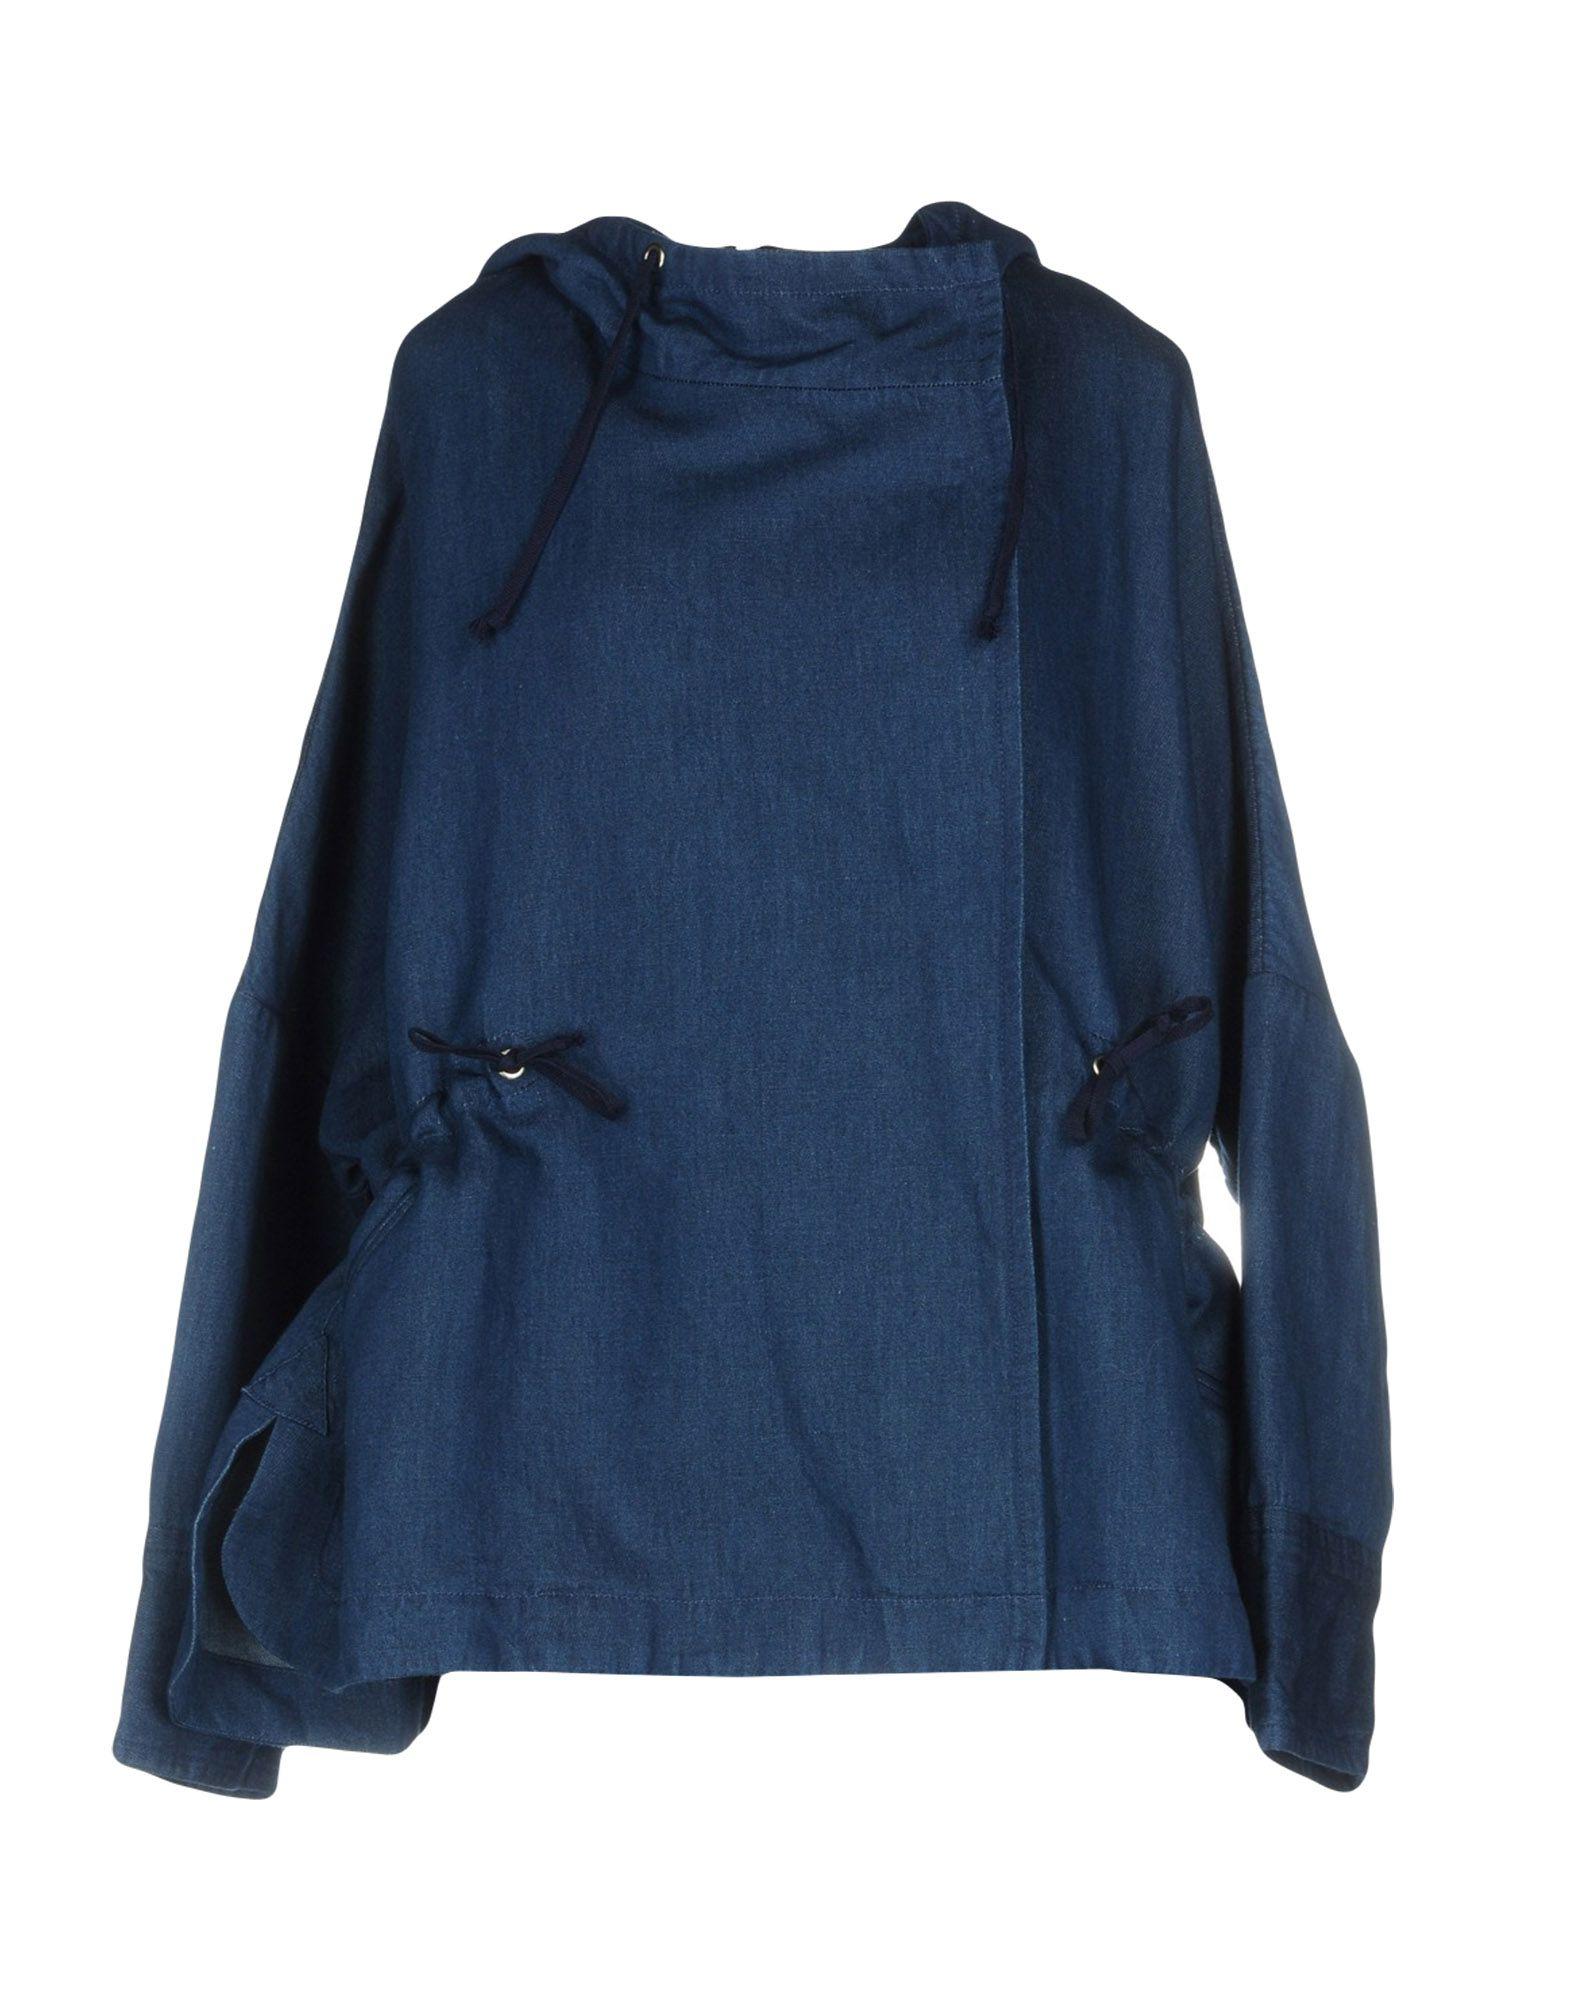 TEIJA Джинсовая верхняя одежда брендовая одежда